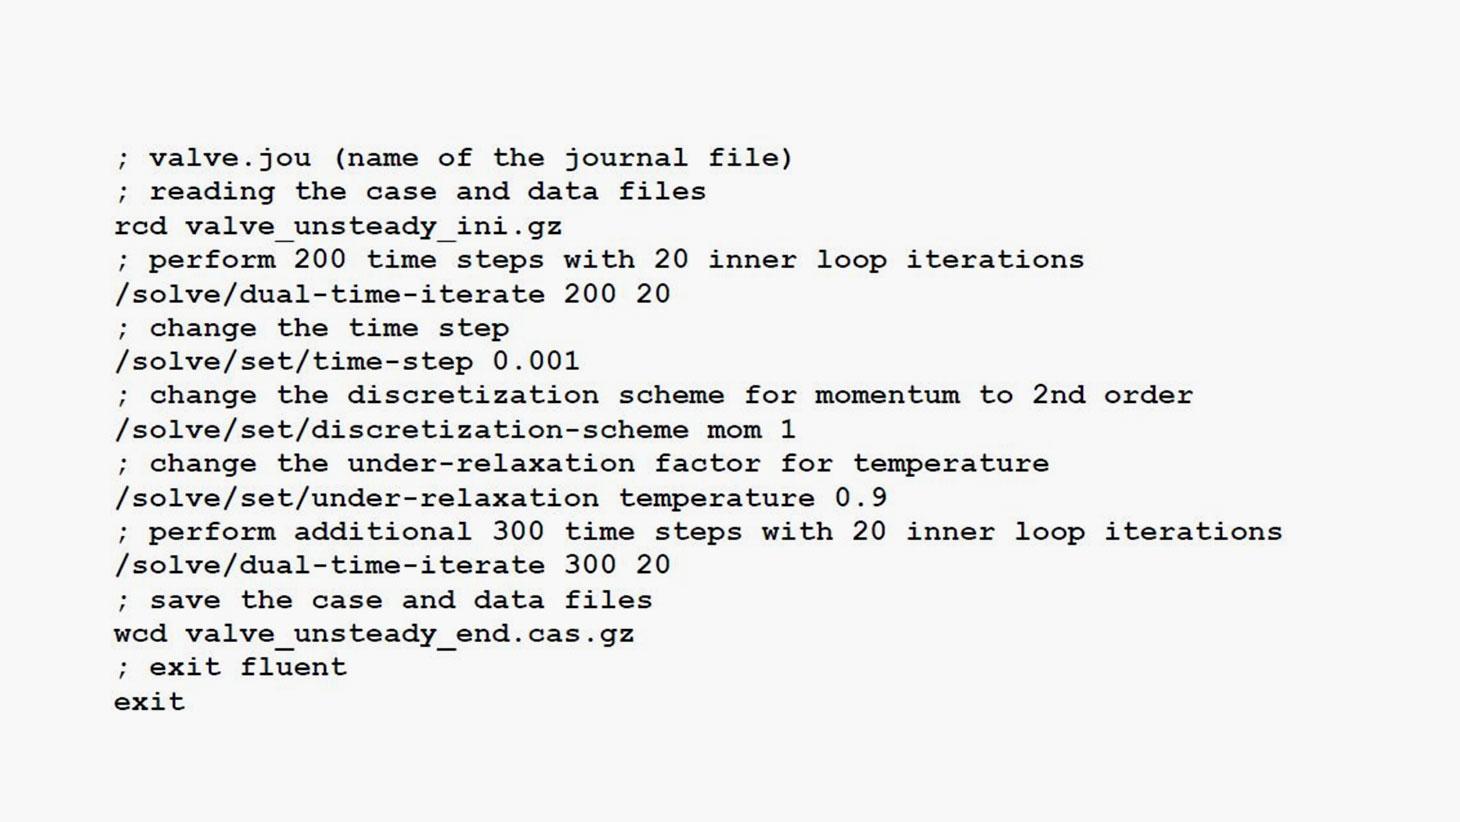 [FAZER ESPANHOL] Quarta-Técnica – O que é um journal file no ANSYS Fluent?